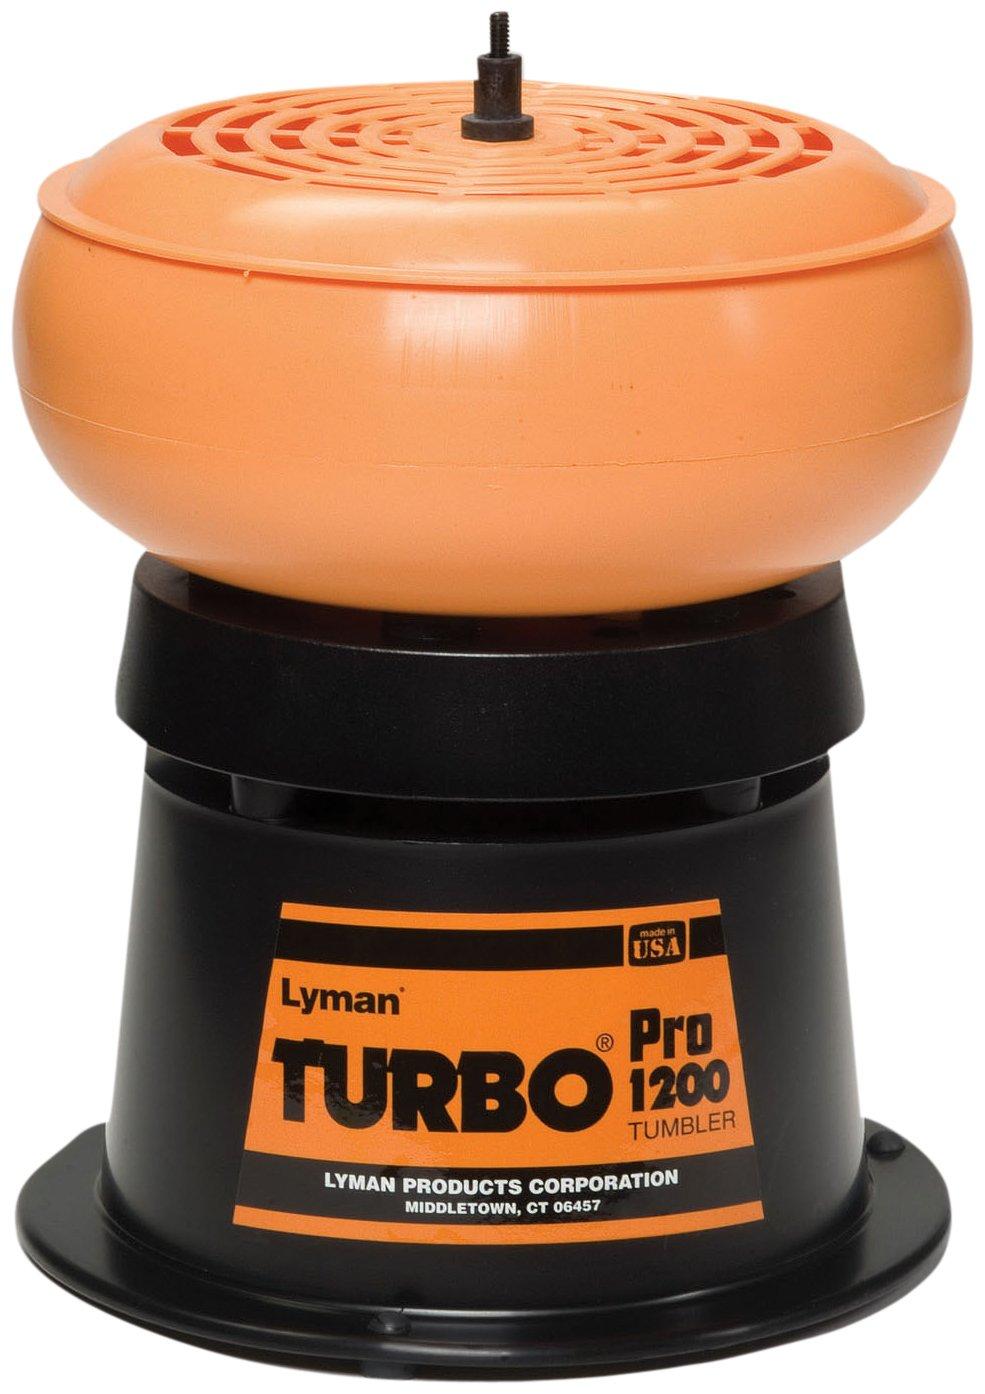 Lyman Pro 1200 Tumbler (115-Volt) by Lyman